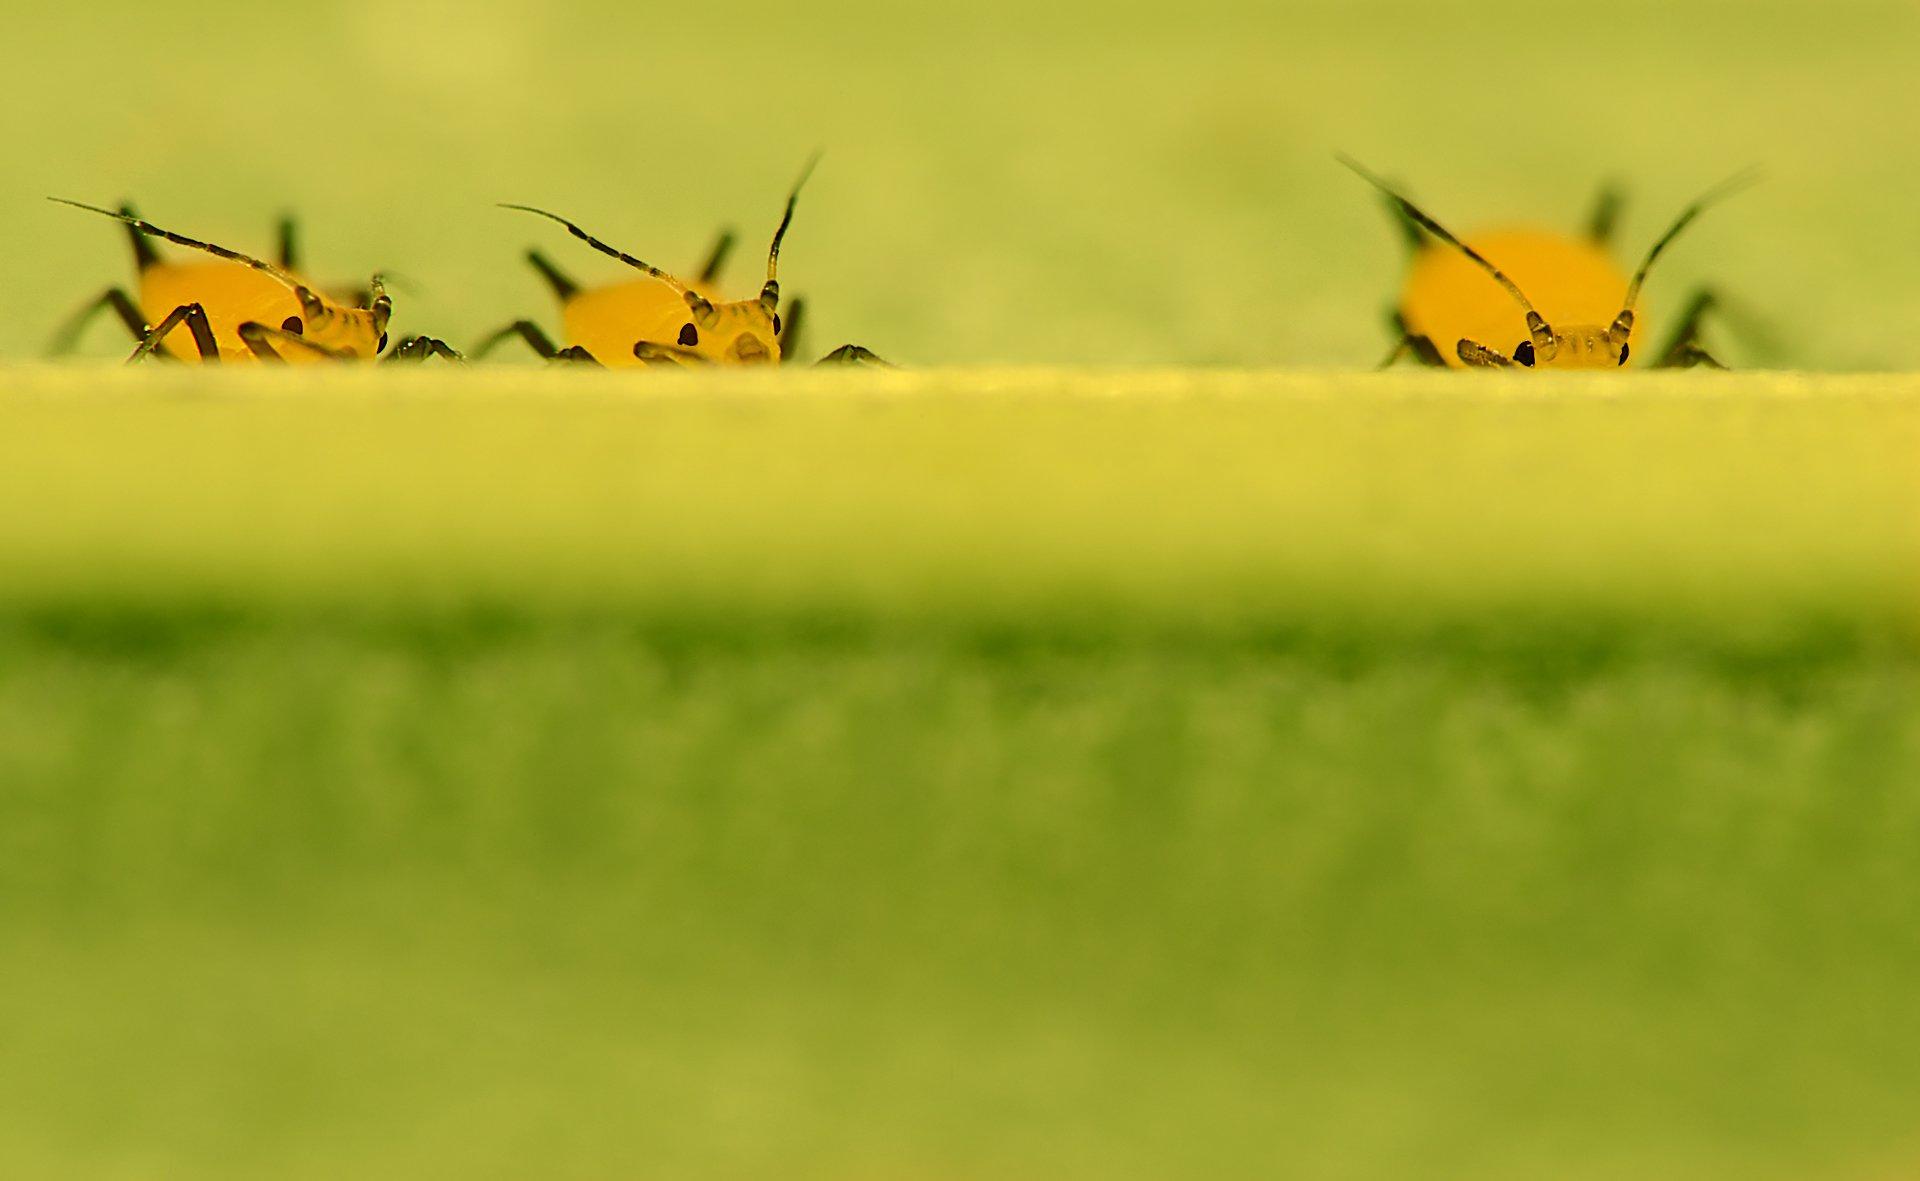 тля желтая лист наблюдатели насекомые, Алёна Шевцова